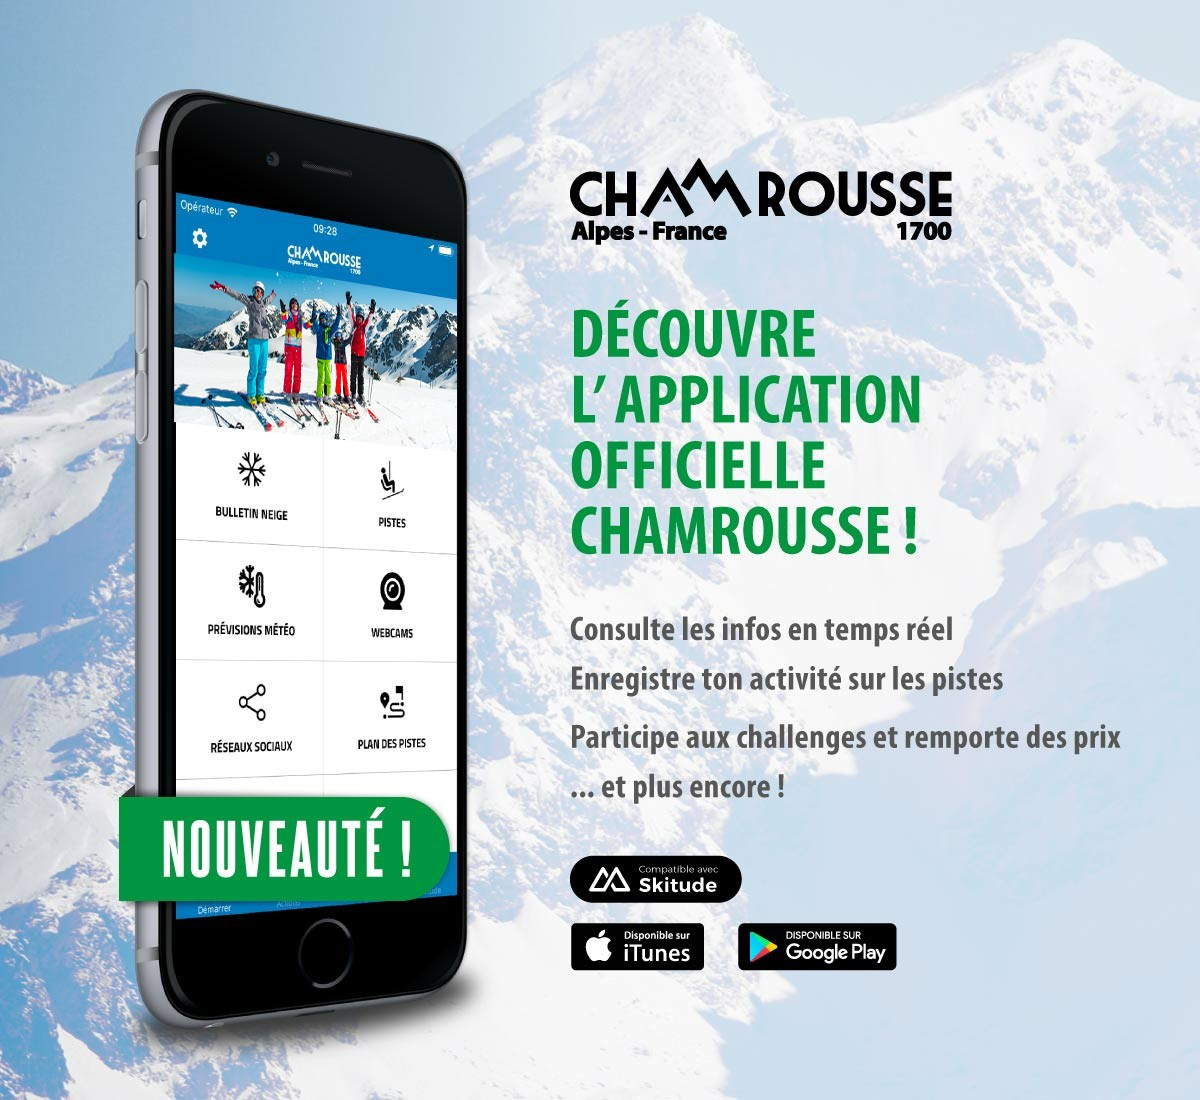 application-chamrousse-2239